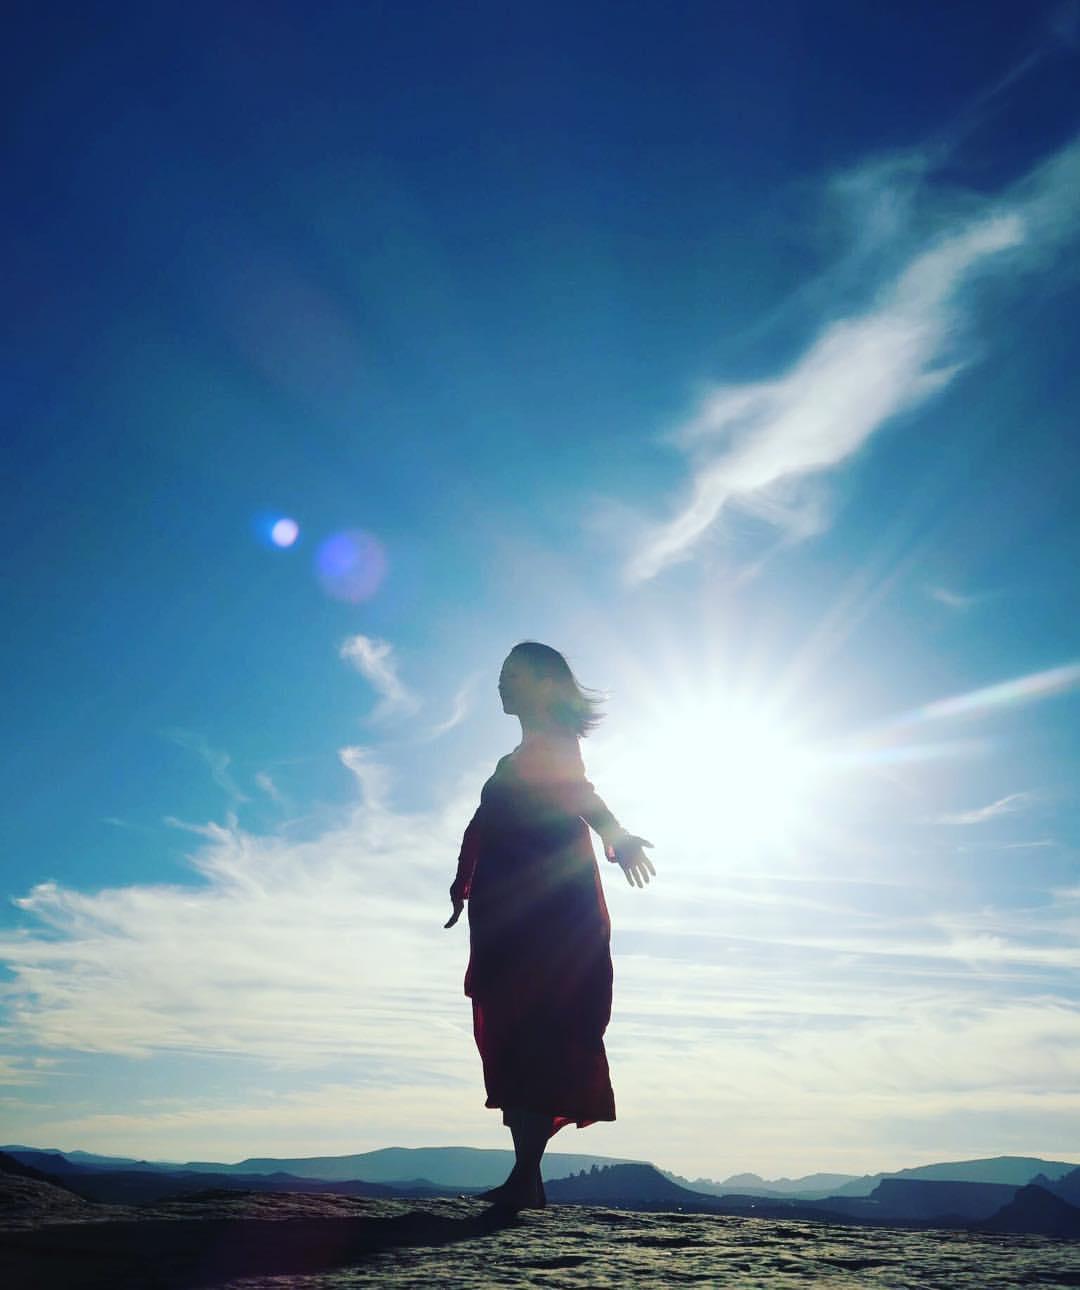 【糸島】6/18 シークレット「ムーンロッジ~祝福と愛のサークル~」